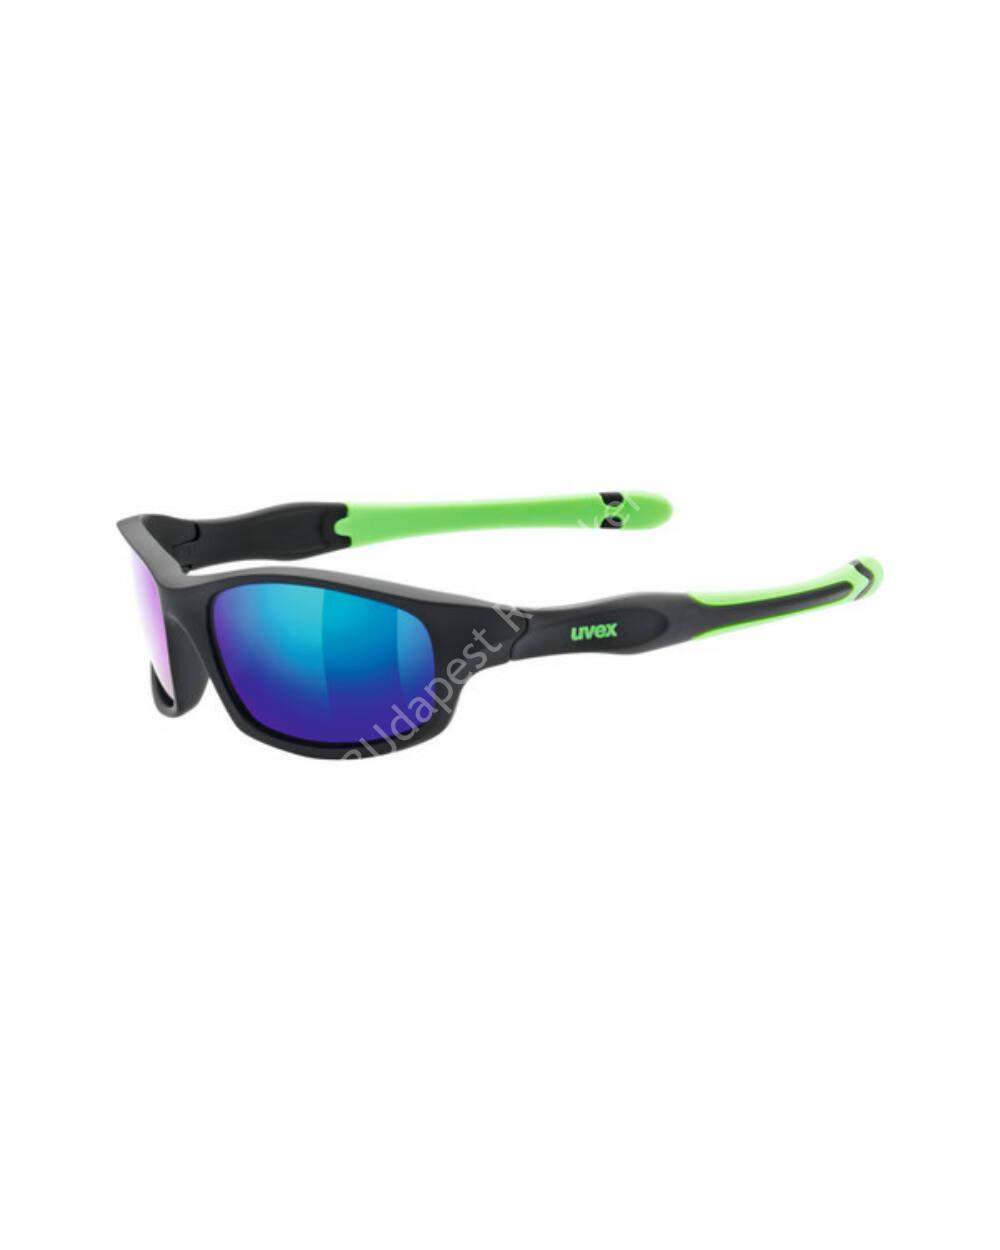 Uvex Sportstyle 507 gyerek napszemüveg, black-green